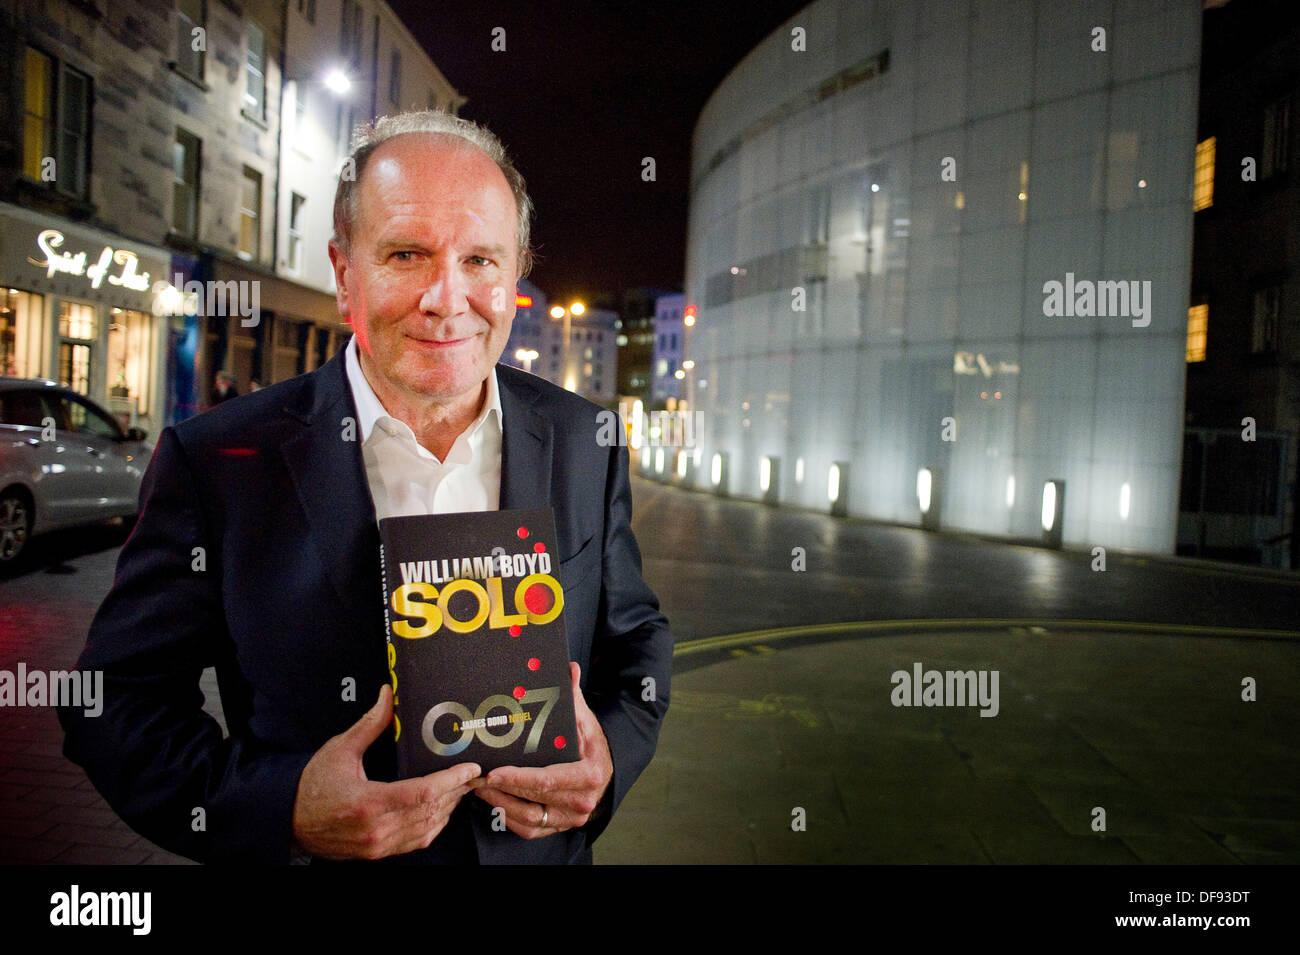 Edinburgh, Regno Unito. Il 30 settembre, 2013. William Boyd autore con il suo nuovo racconto di James Bond solista presso il Royal Lyceum Theatre di Edimburgo a discutere il libro. Tutte le immagini devono essere accreditati a Steven Scott Taylor/ Alamy Live News Immagini Stock